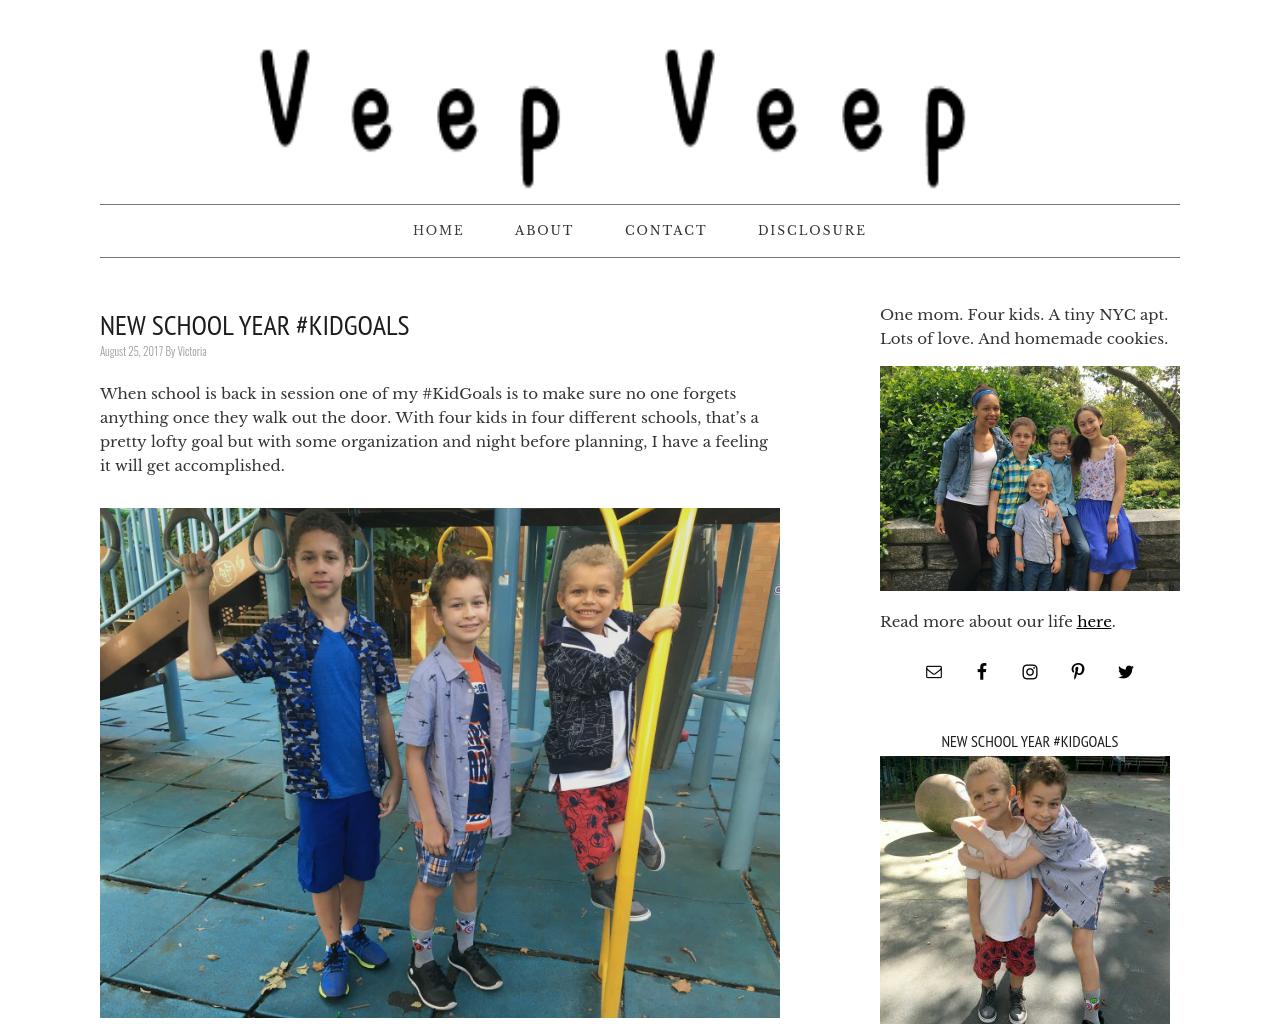 Veep-Veep-Advertising-Reviews-Pricing